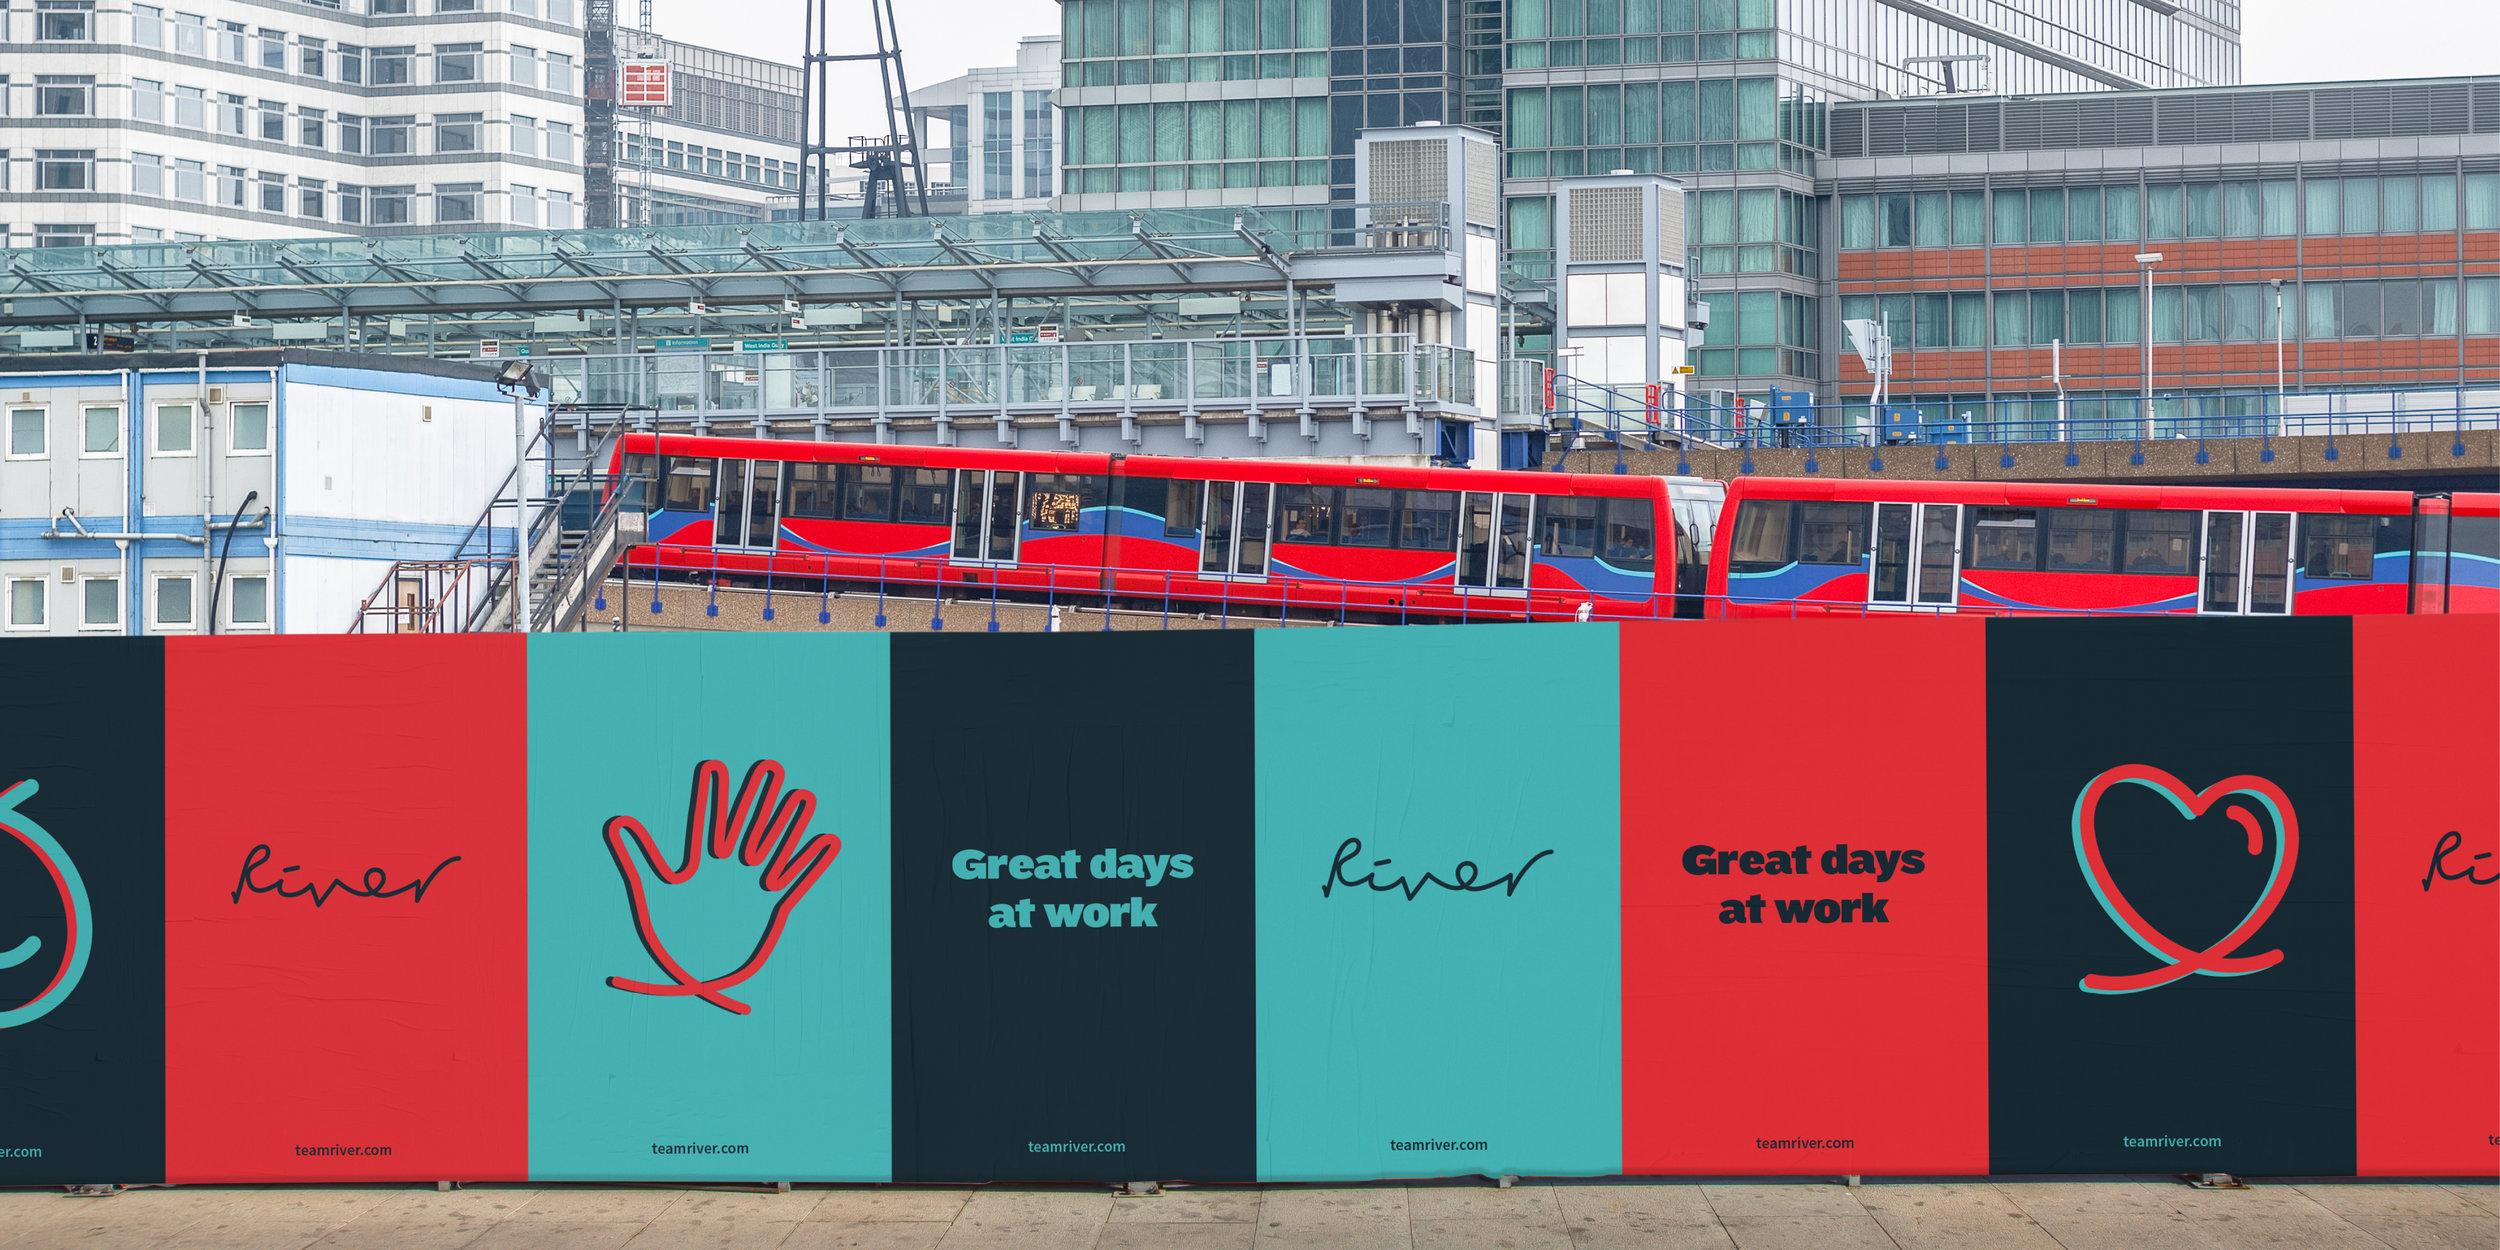 River_hoarding_london.jpg